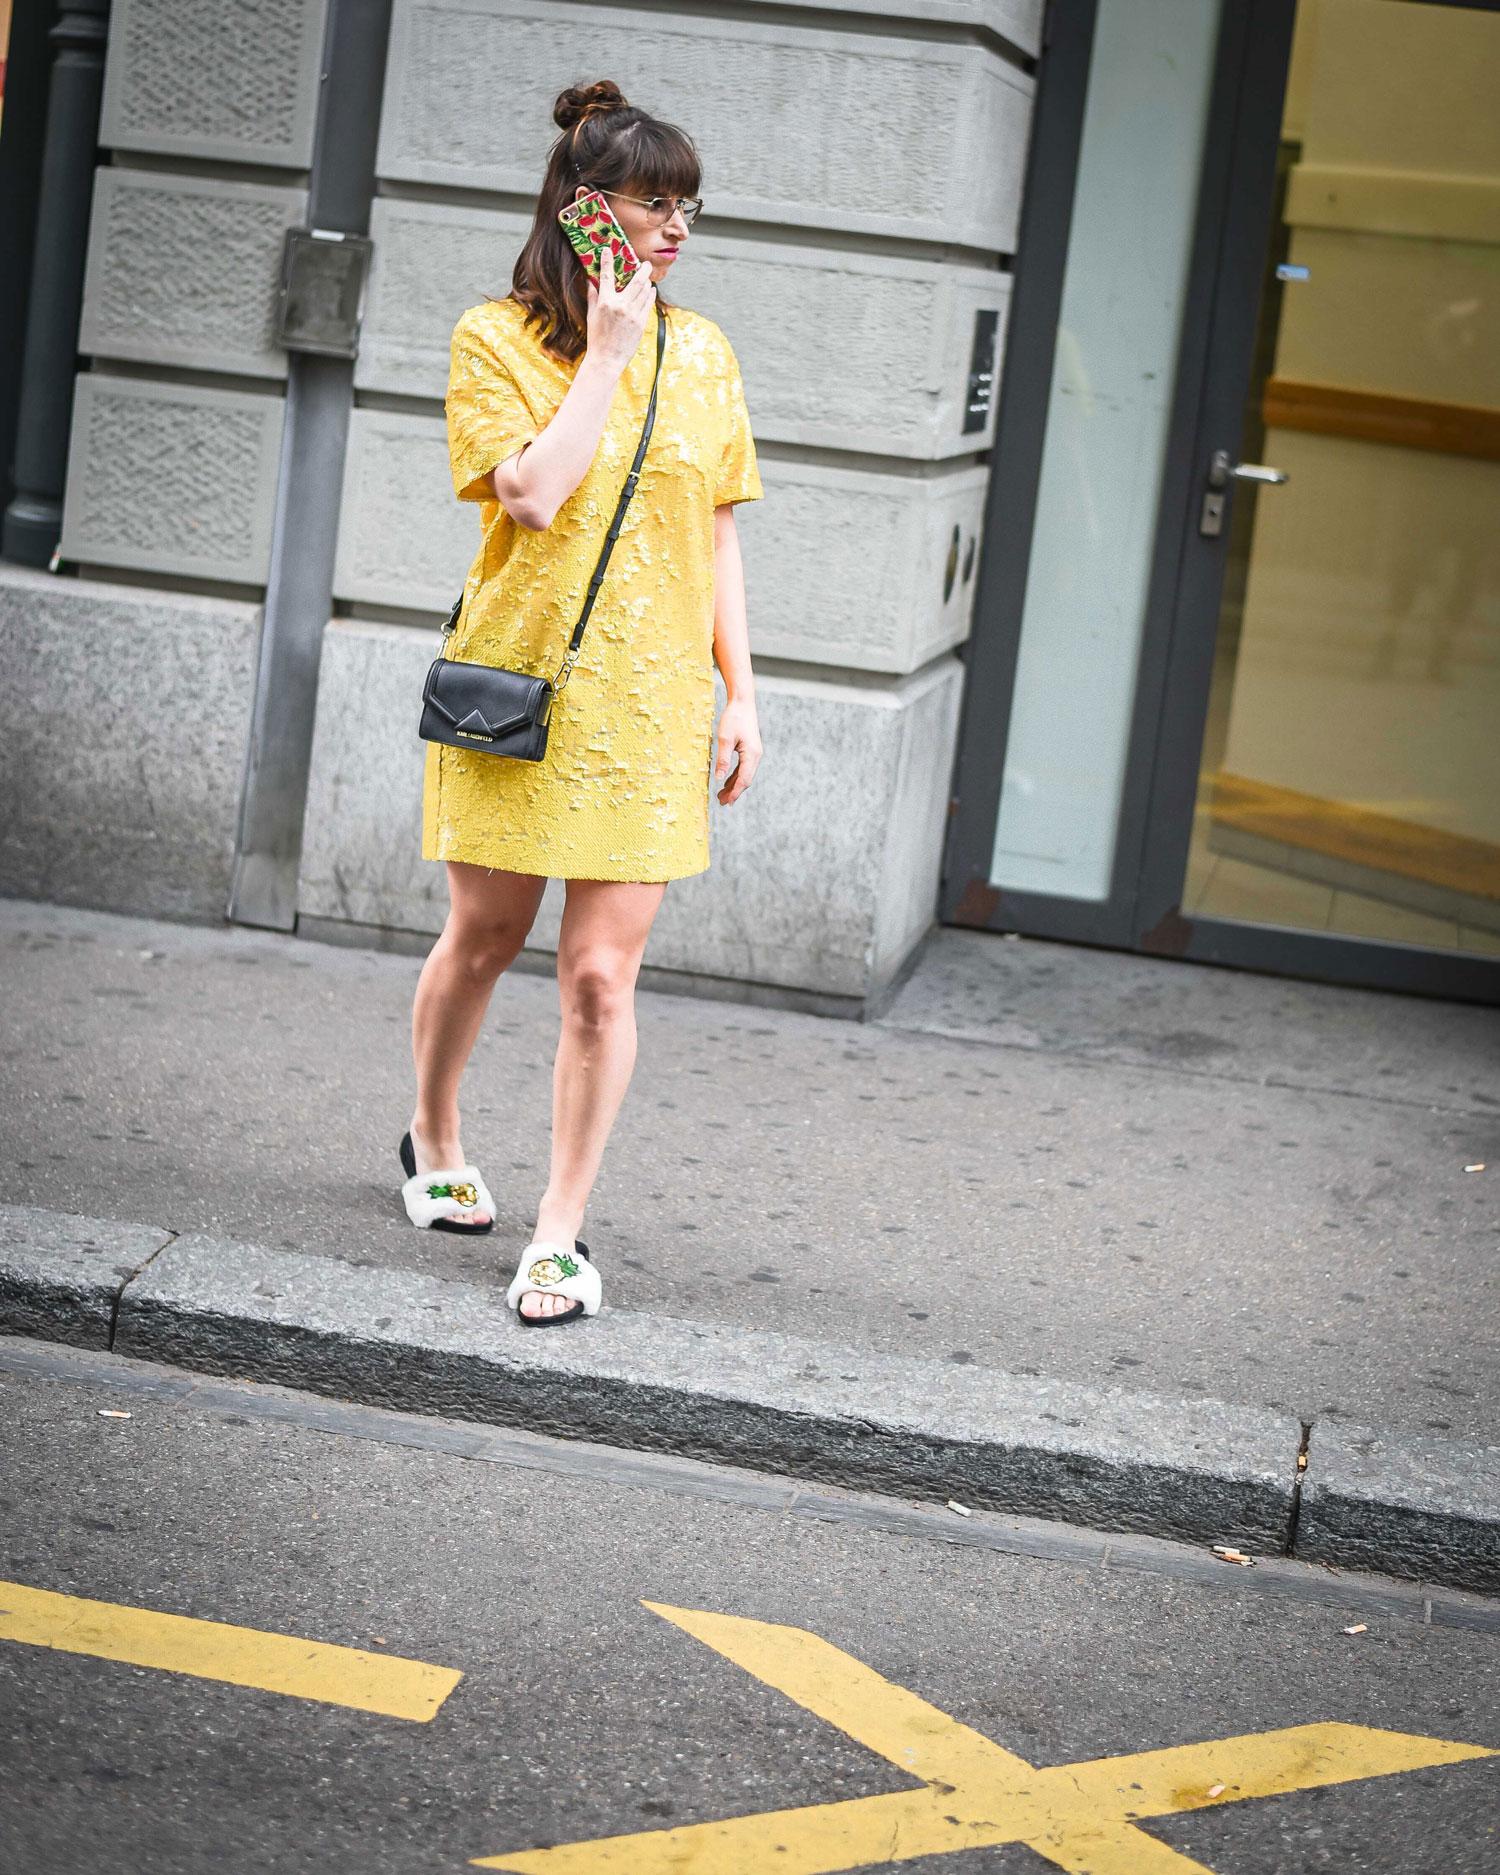 Sale: Pailettenkleid von Zara, Schlappen mit Fake Fur von Dune, Adiletten von Dune, Tasche von Karl Lagerfeld, Handyhülle von Ideal of Sweden, Case form Ideal of Sweden